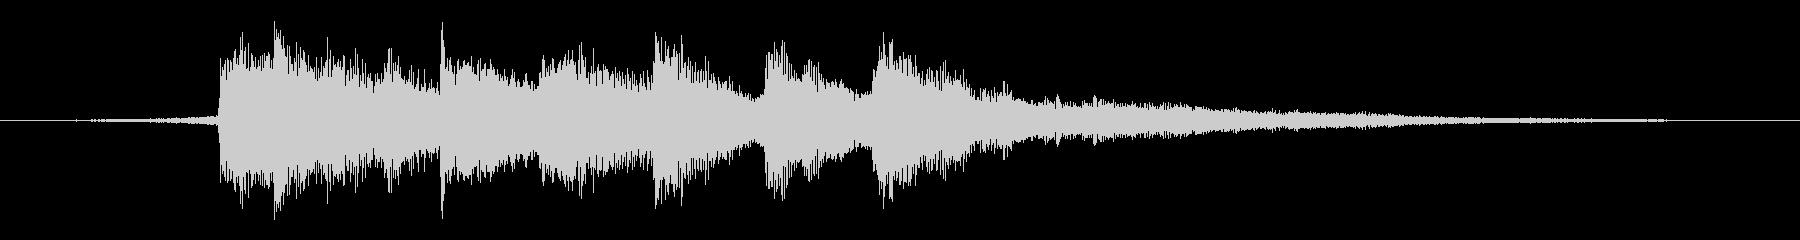 コーラスが入る落ち着いたピアノジングル の未再生の波形